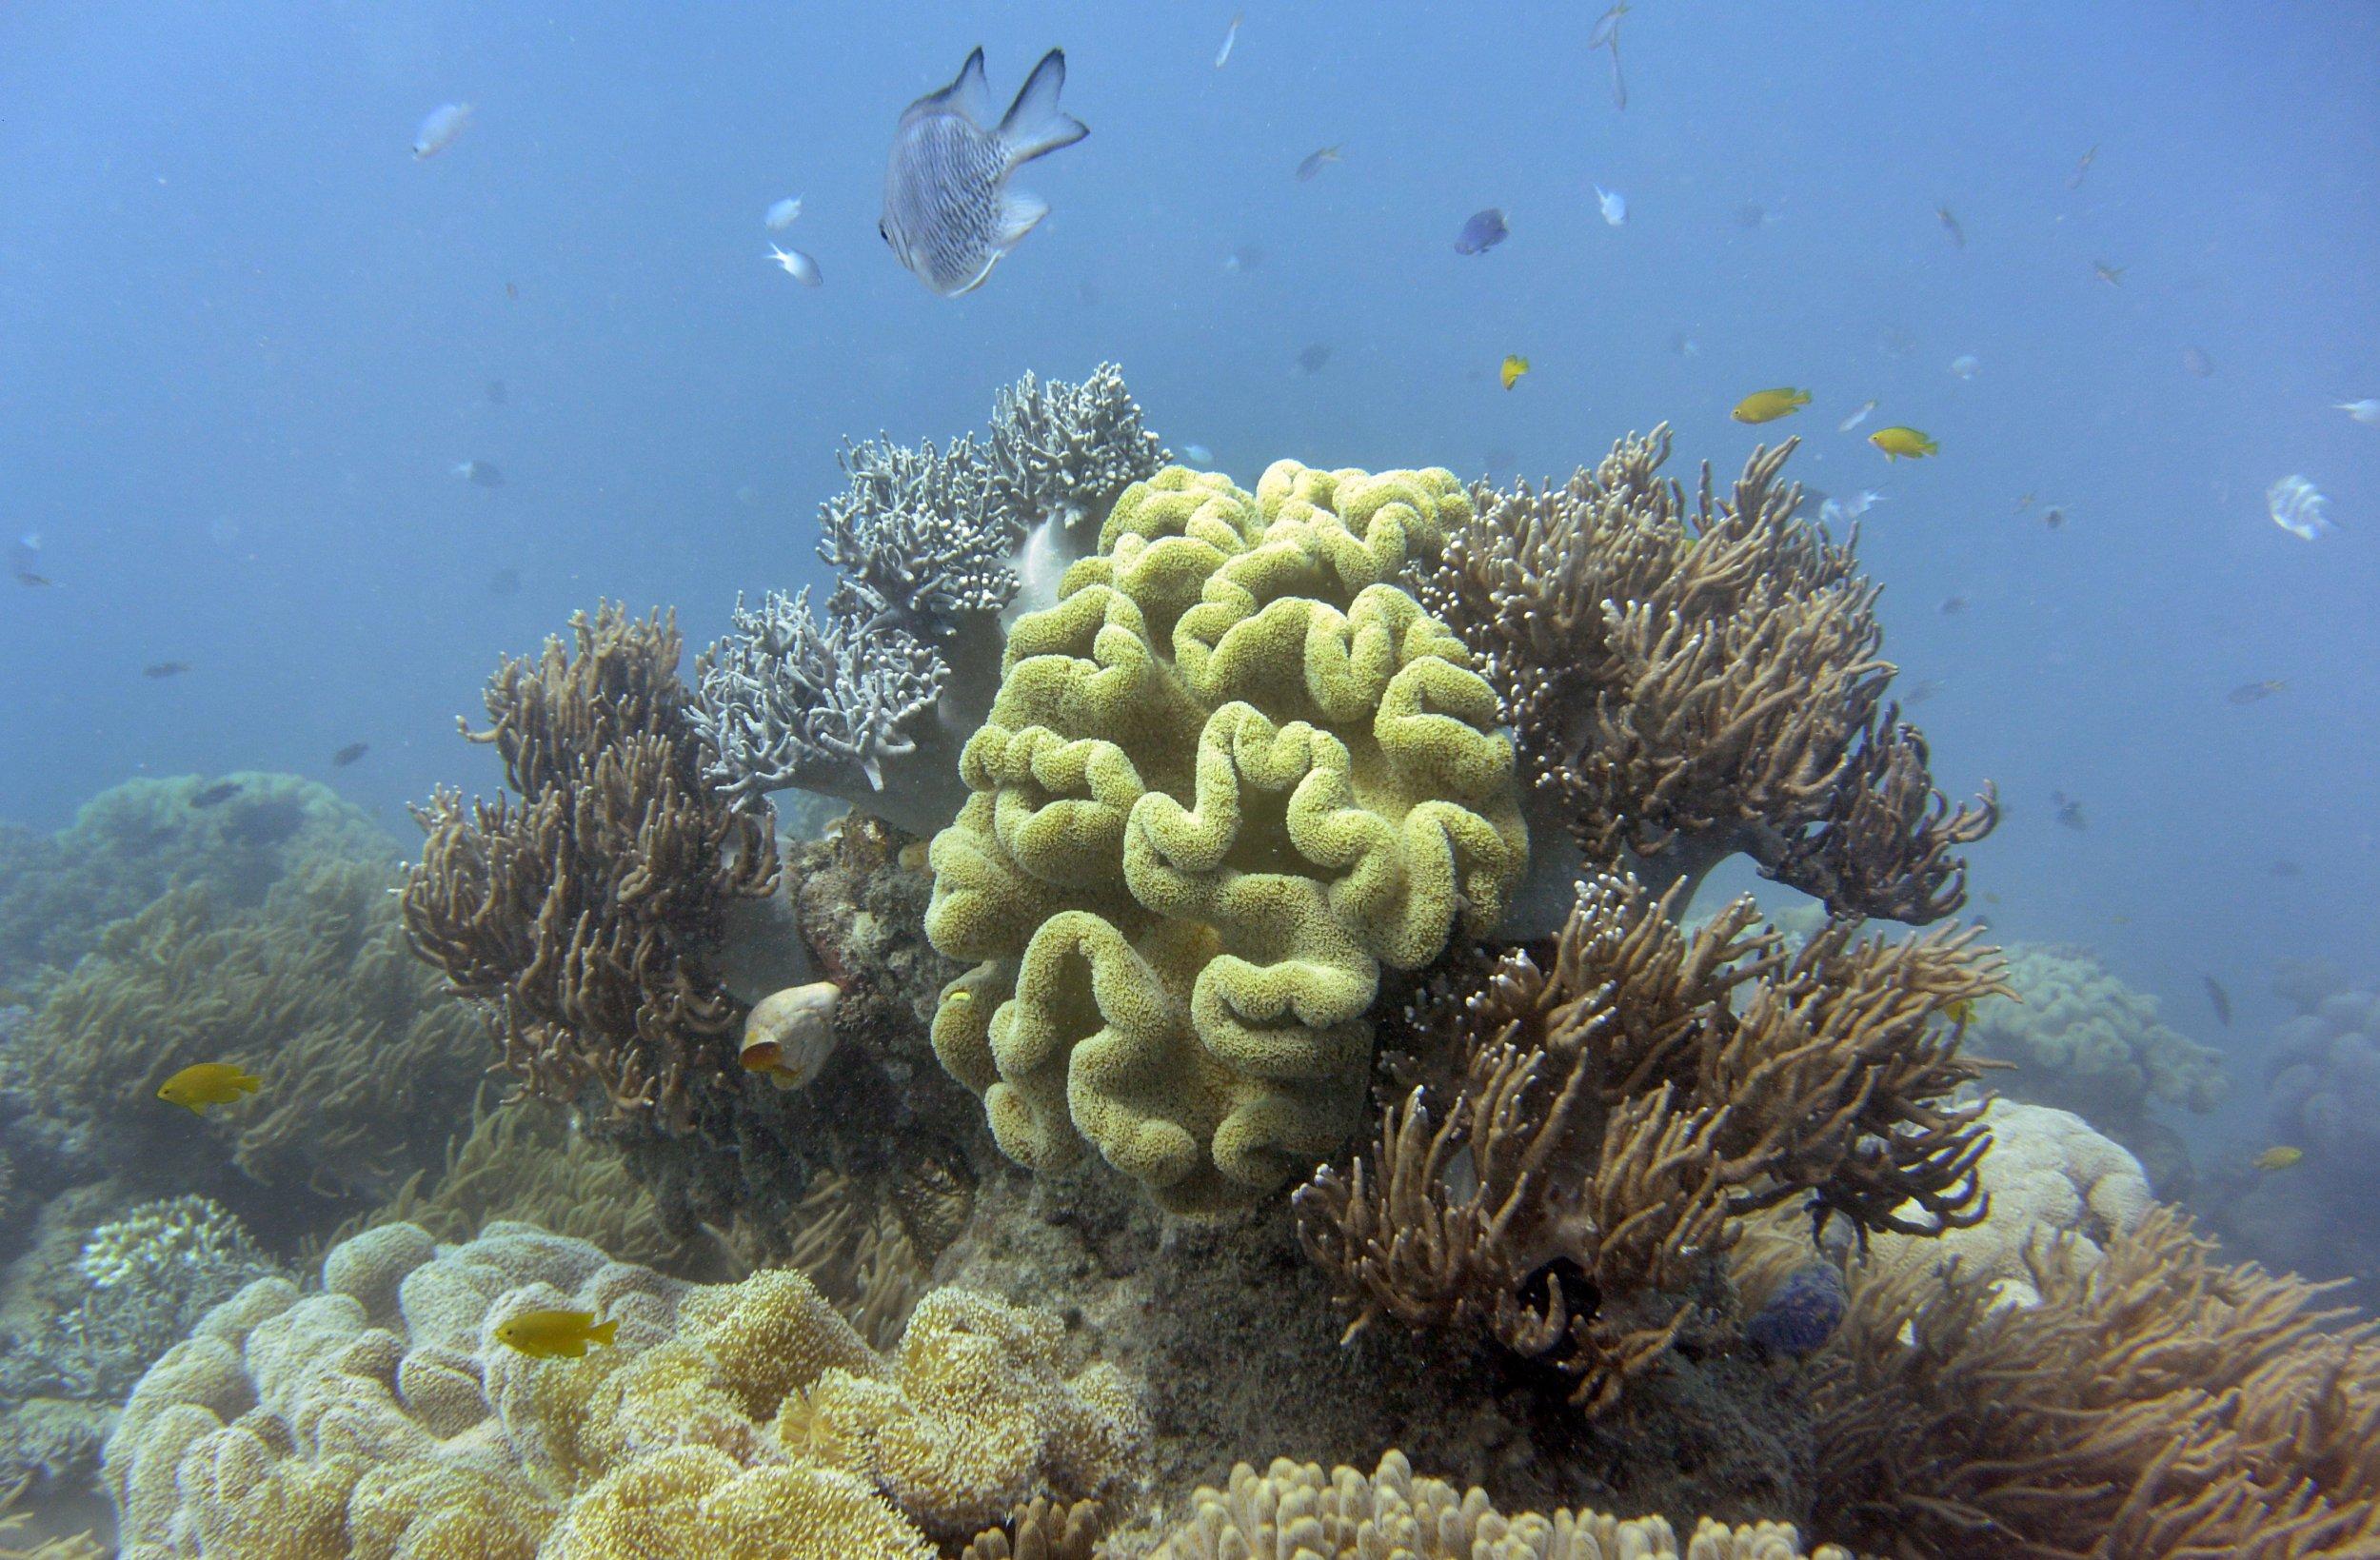 09_19_great_barrier_reef